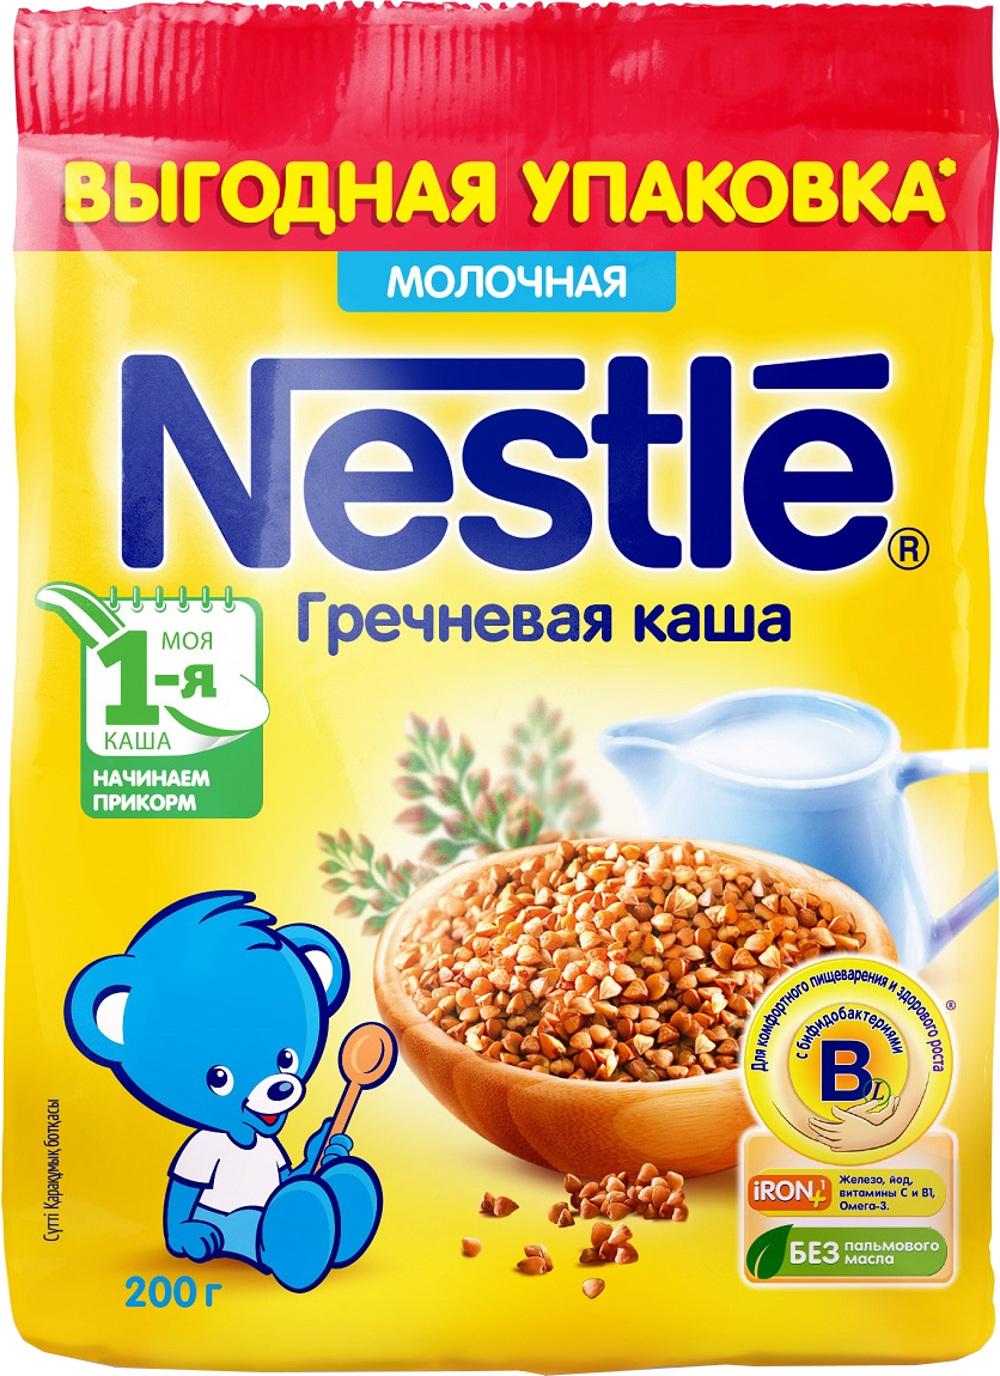 Каши Nestle Каша молочная Nestle гречневая с 4 мес. 200 г каши nestle каша безмолочная nestle гречневая гипоаллергенная с 4 мес 160 г